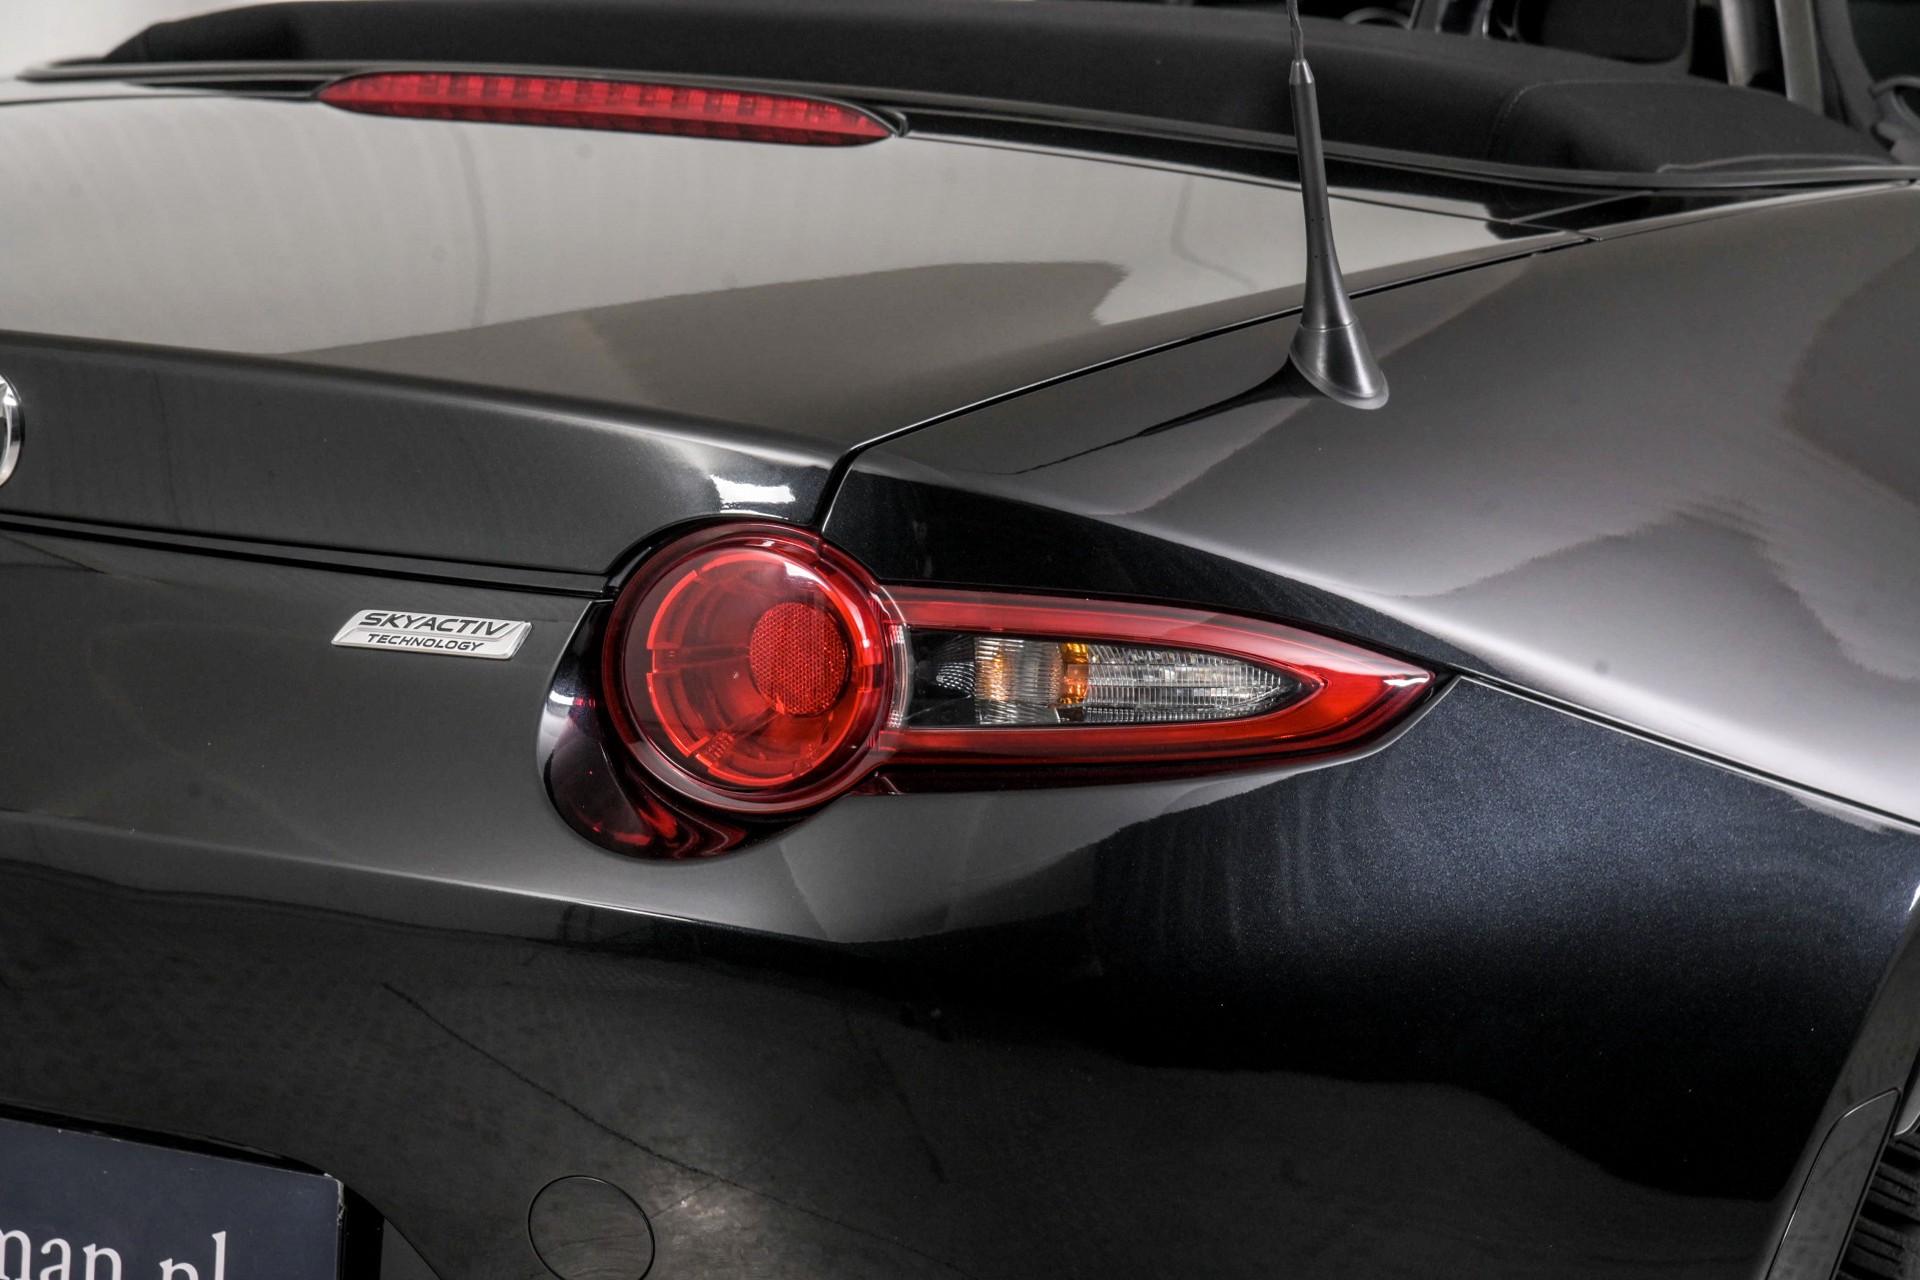 Mazda MX-5 1.5 SkyActiv-G 131 S Foto 28